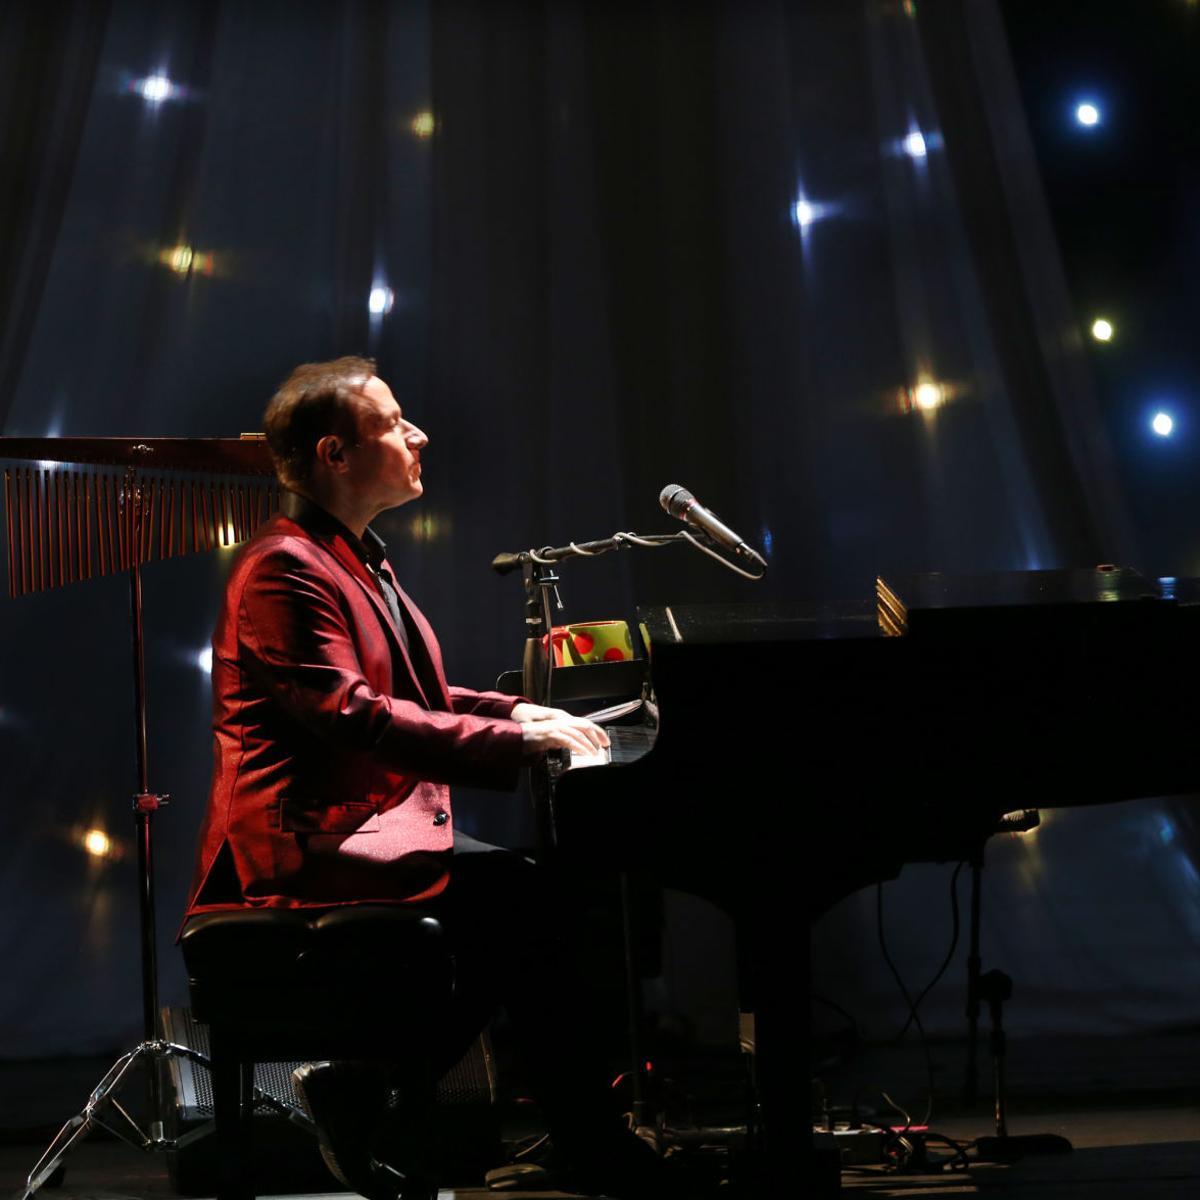 Concert review - Jim Brickman brings